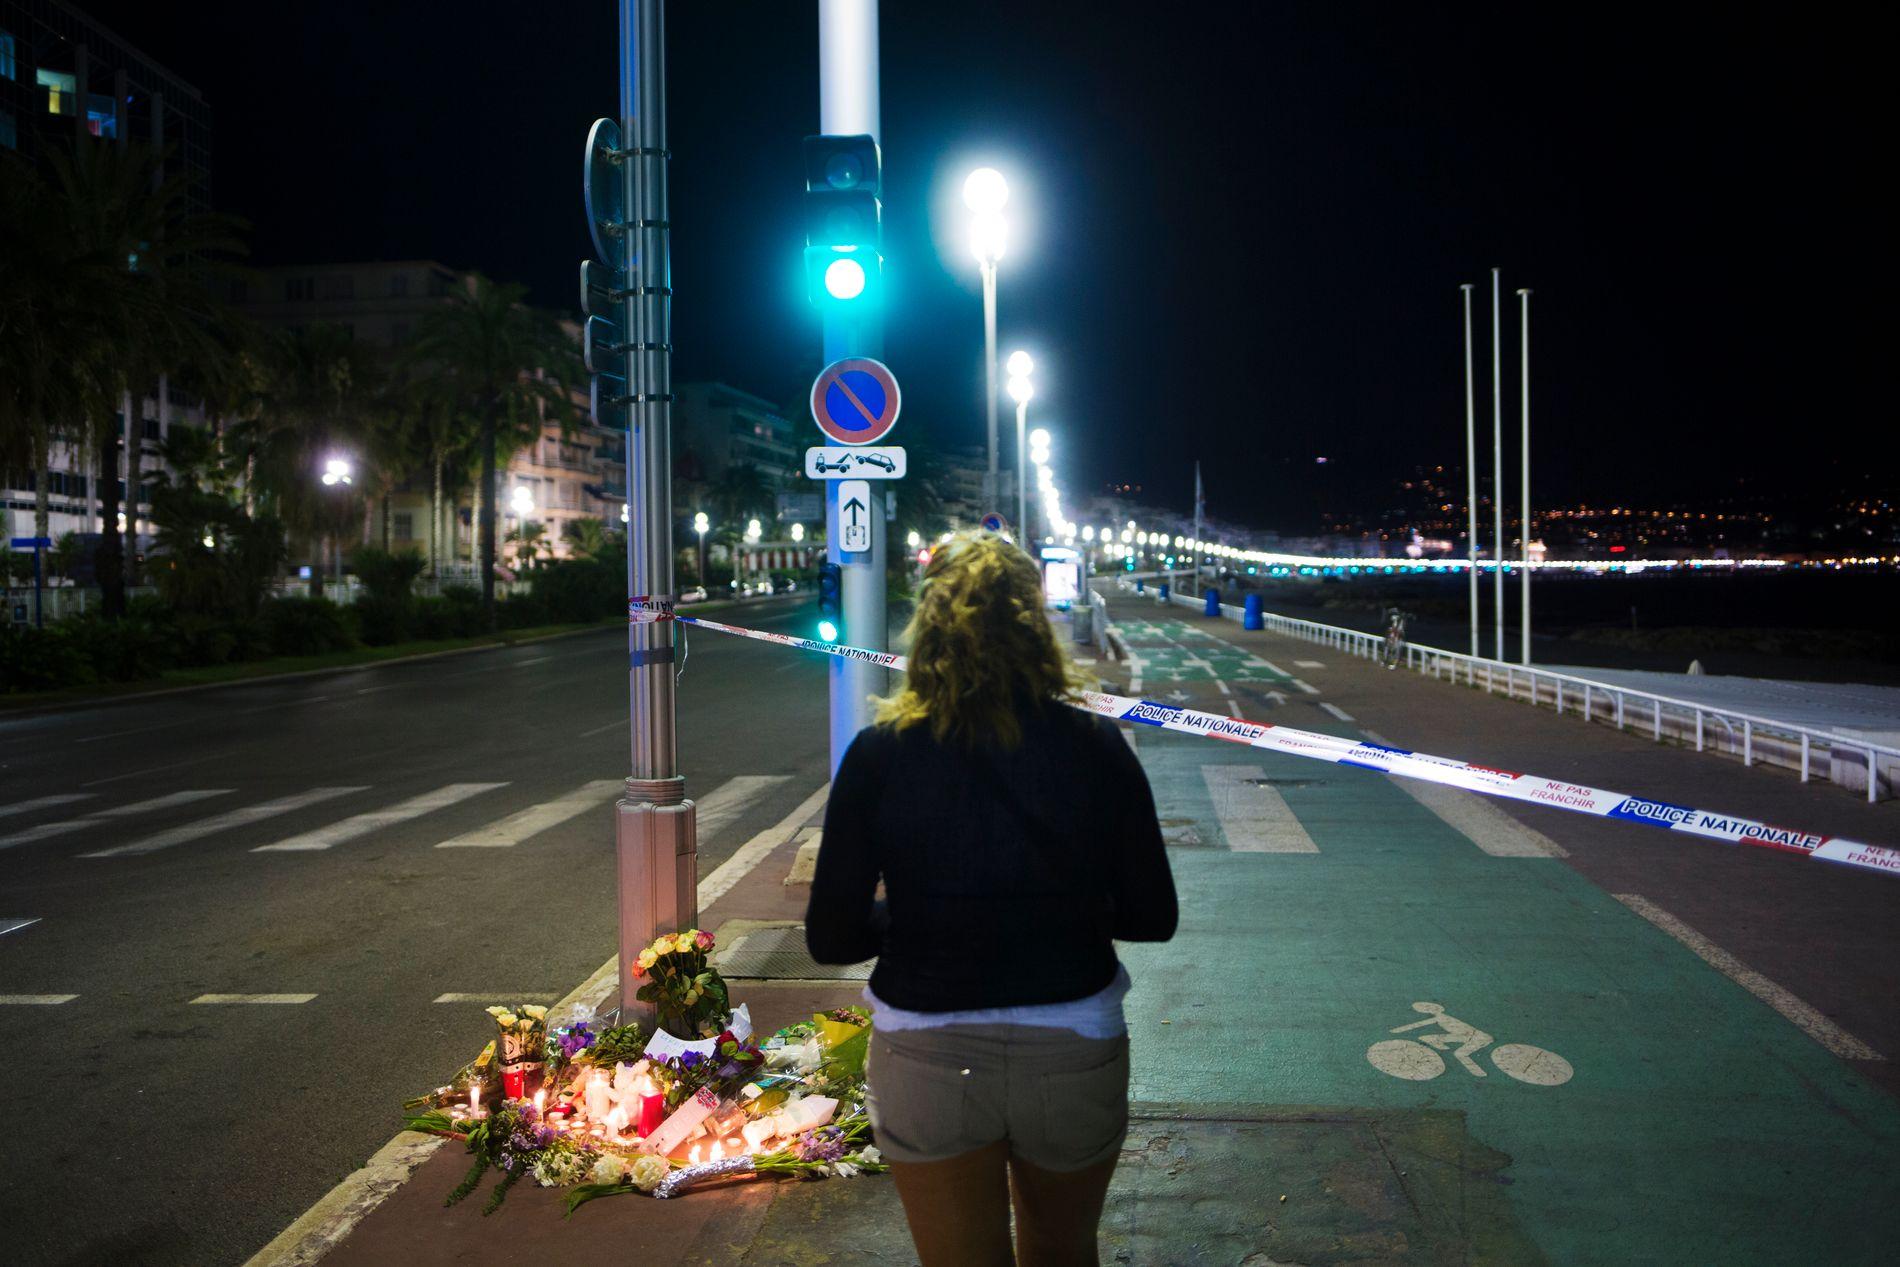 ETTER ANGREPET: 84 mennesker ble drept og over hundre er skadet etter at en lastebil kjørte ned en stor folkemengde på promenaden i Nice under den franske nasjonaldagsfeiringen torsdag kveld.